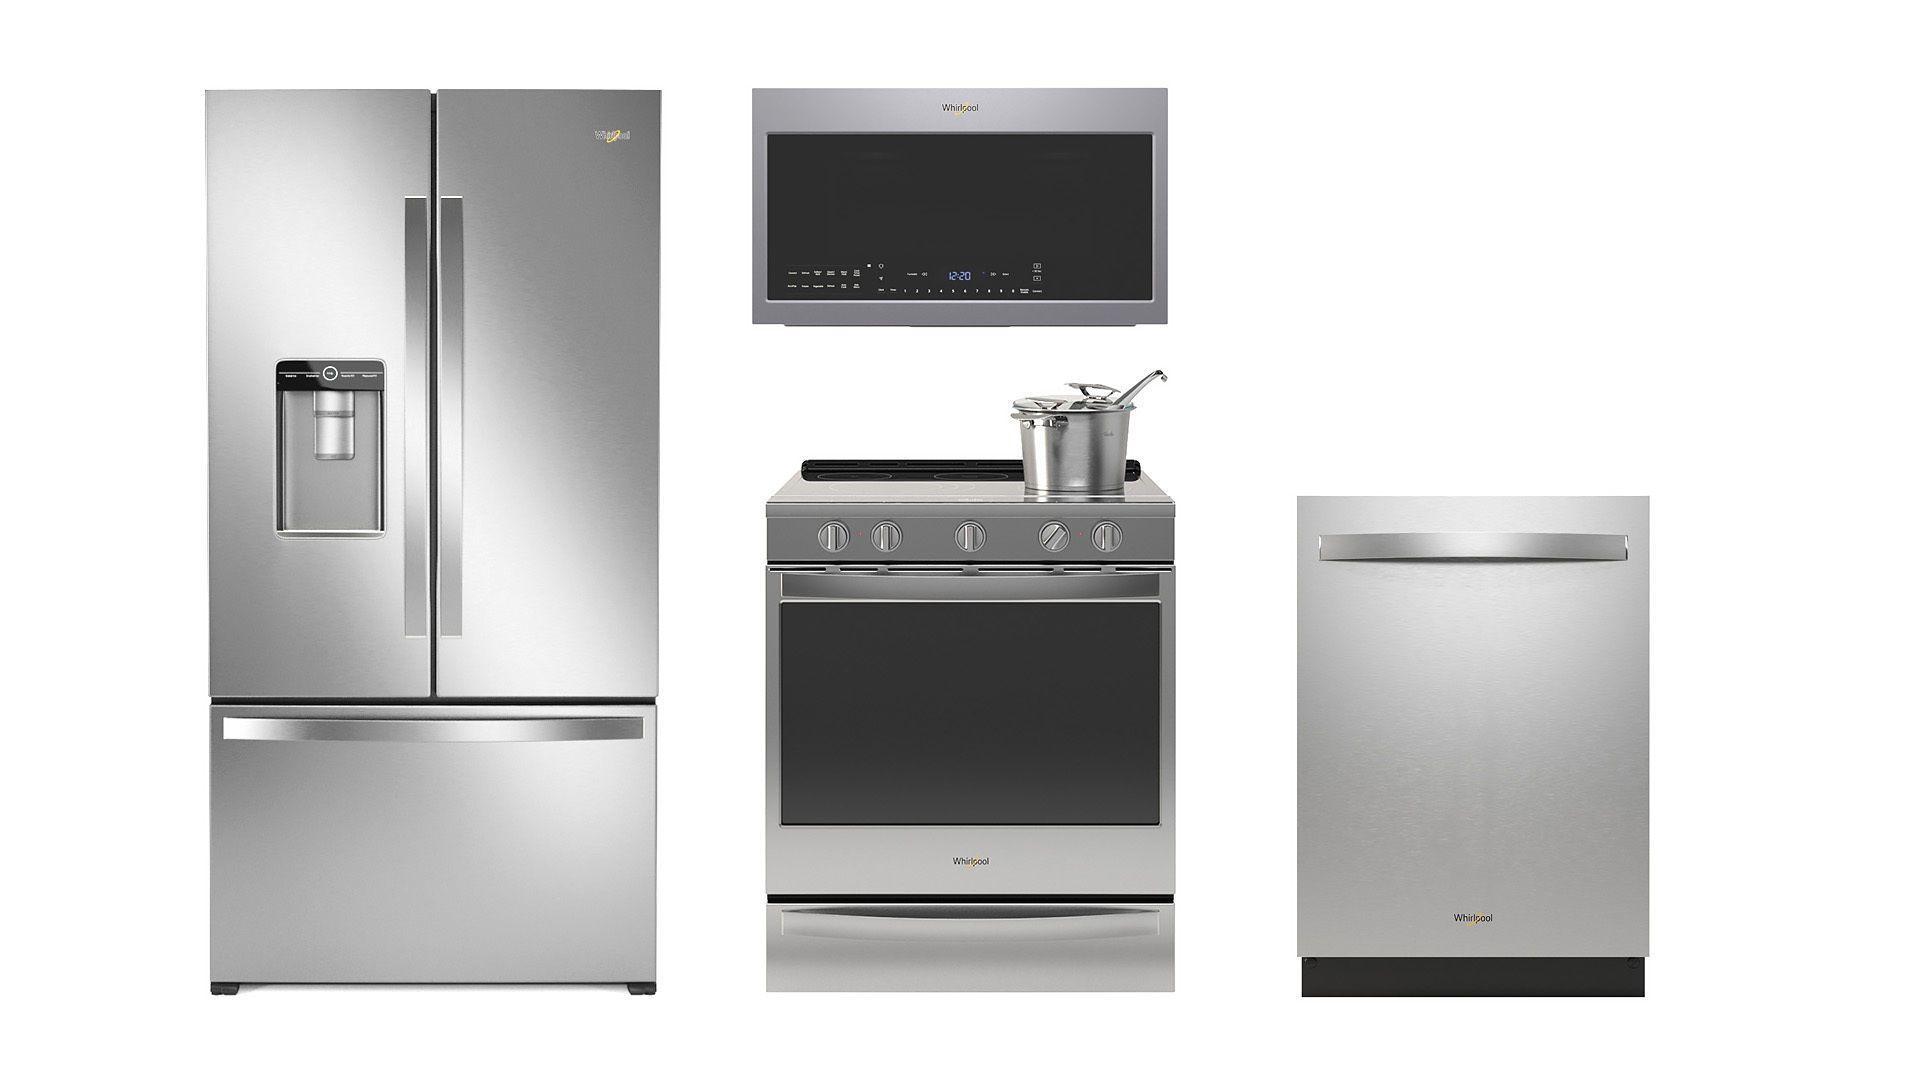 Whirlpool kitchen appliances | 3D model in 2020 | Whirlpool kitchen  appliances, Kitchen appliances, Appliances